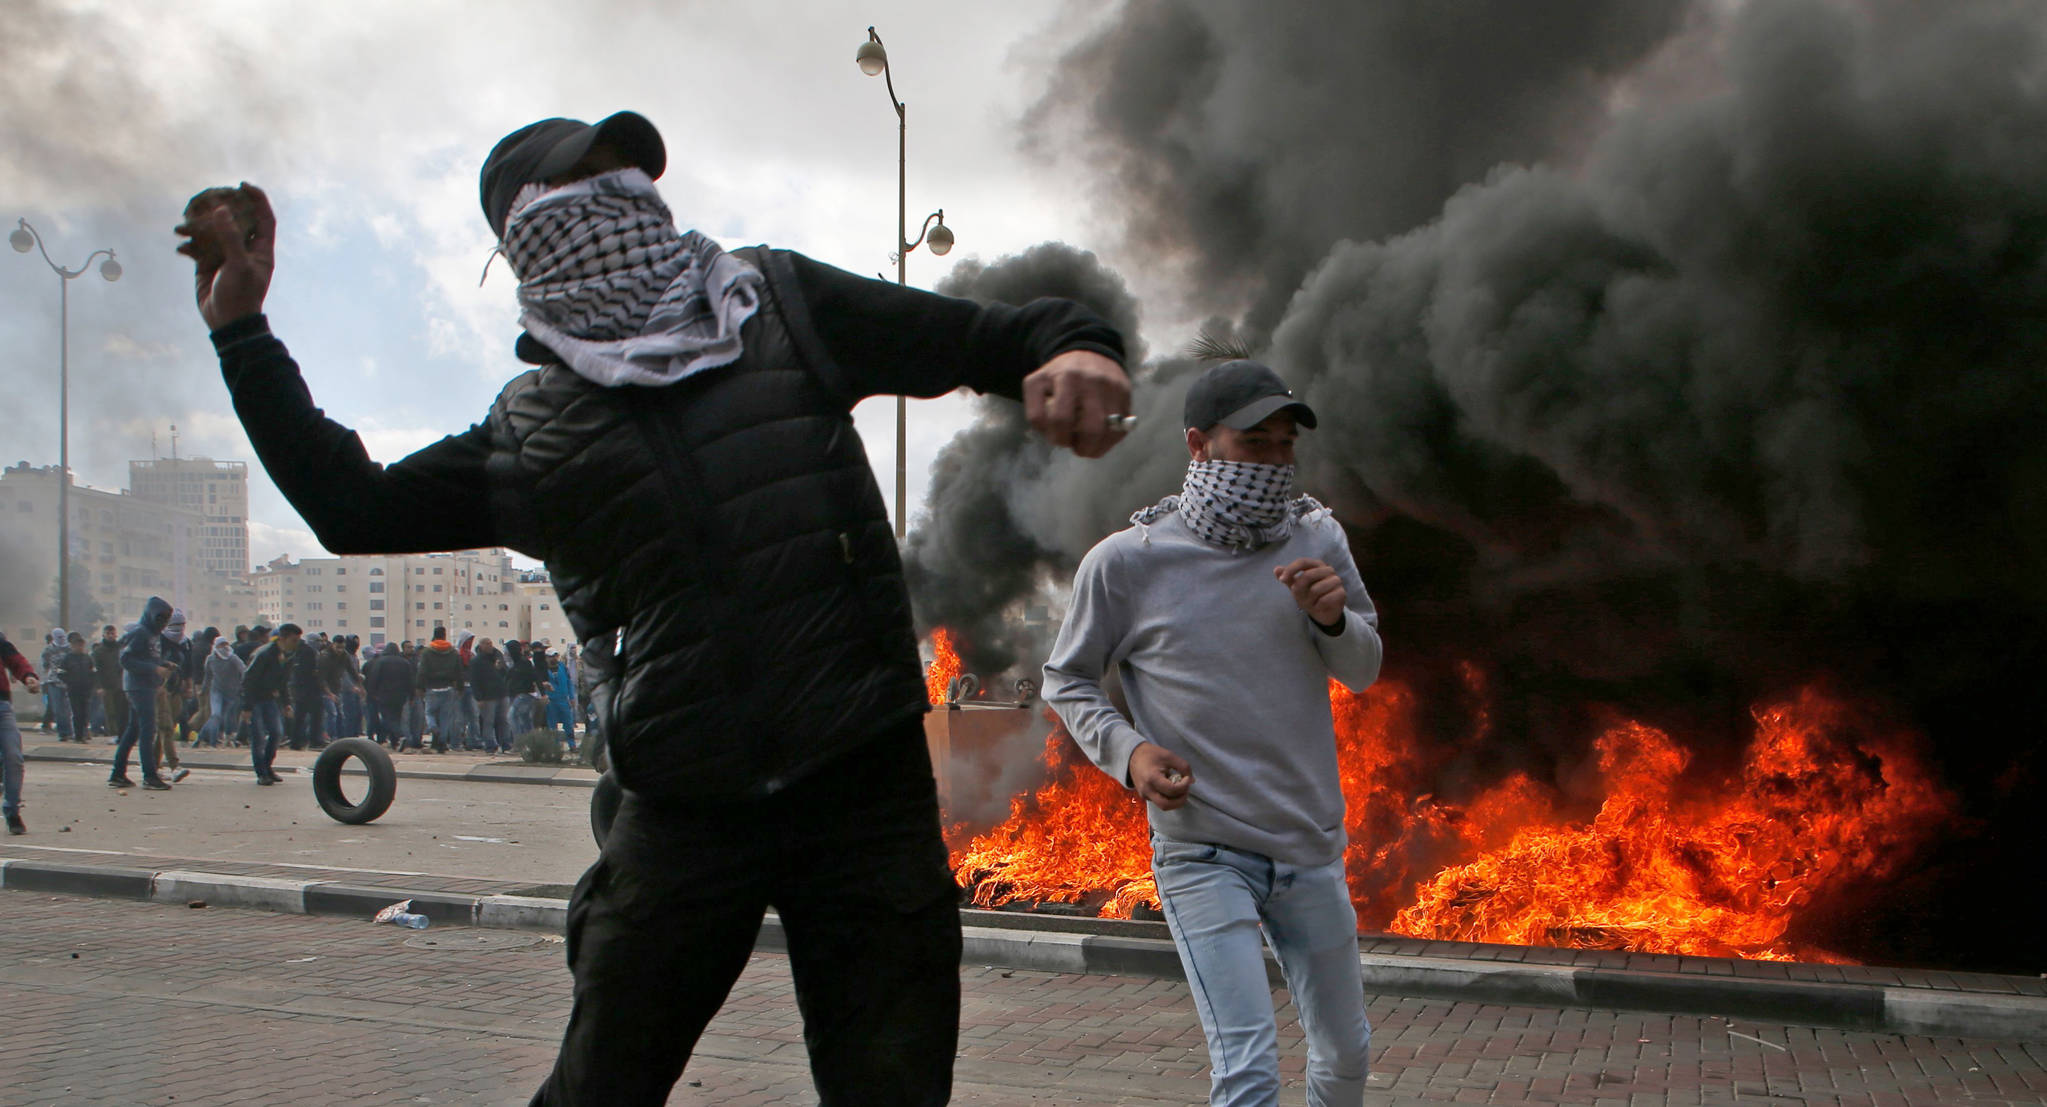 트럼프 대통령의 예루살렘 선언에 반발하는 팔레스타인 시위대가 7일(현지시간) 요르단강 서안지구의 임시 행정수도 라말라에서 돌을 던지며 시위를 벌이고 있다. 이스라엘군은 이 지역에 시위 진압 병력을 수백 명 추가 배치했다. 트럼프의 선언은 제3차 인티파다(팔레스타인 민중봉기)를 부를 가능성이 키우고 있다. [AFP=연합뉴스]